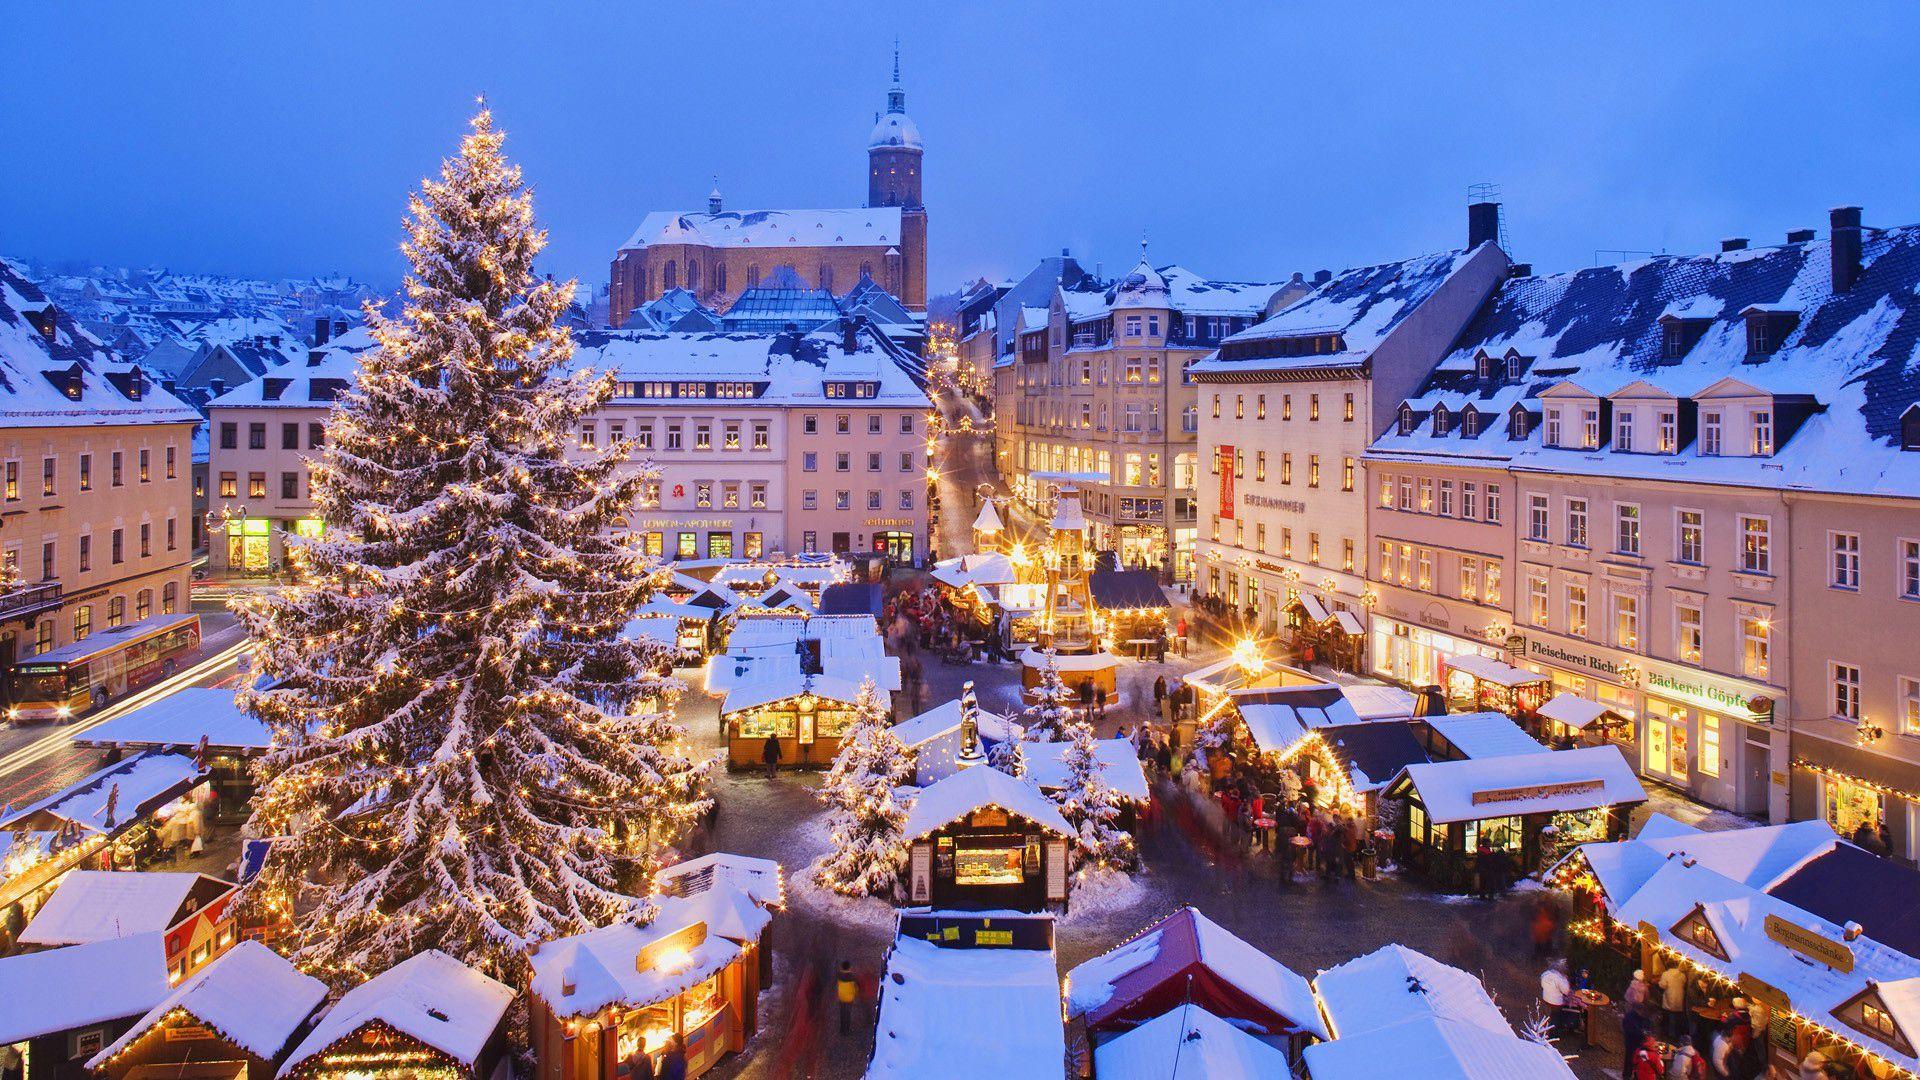 145871 Hintergrundbild herunterladen Weihnachten, Städte, Quadrat, Deutschland, Bereich, Markt - Bildschirmschoner und Bilder kostenlos